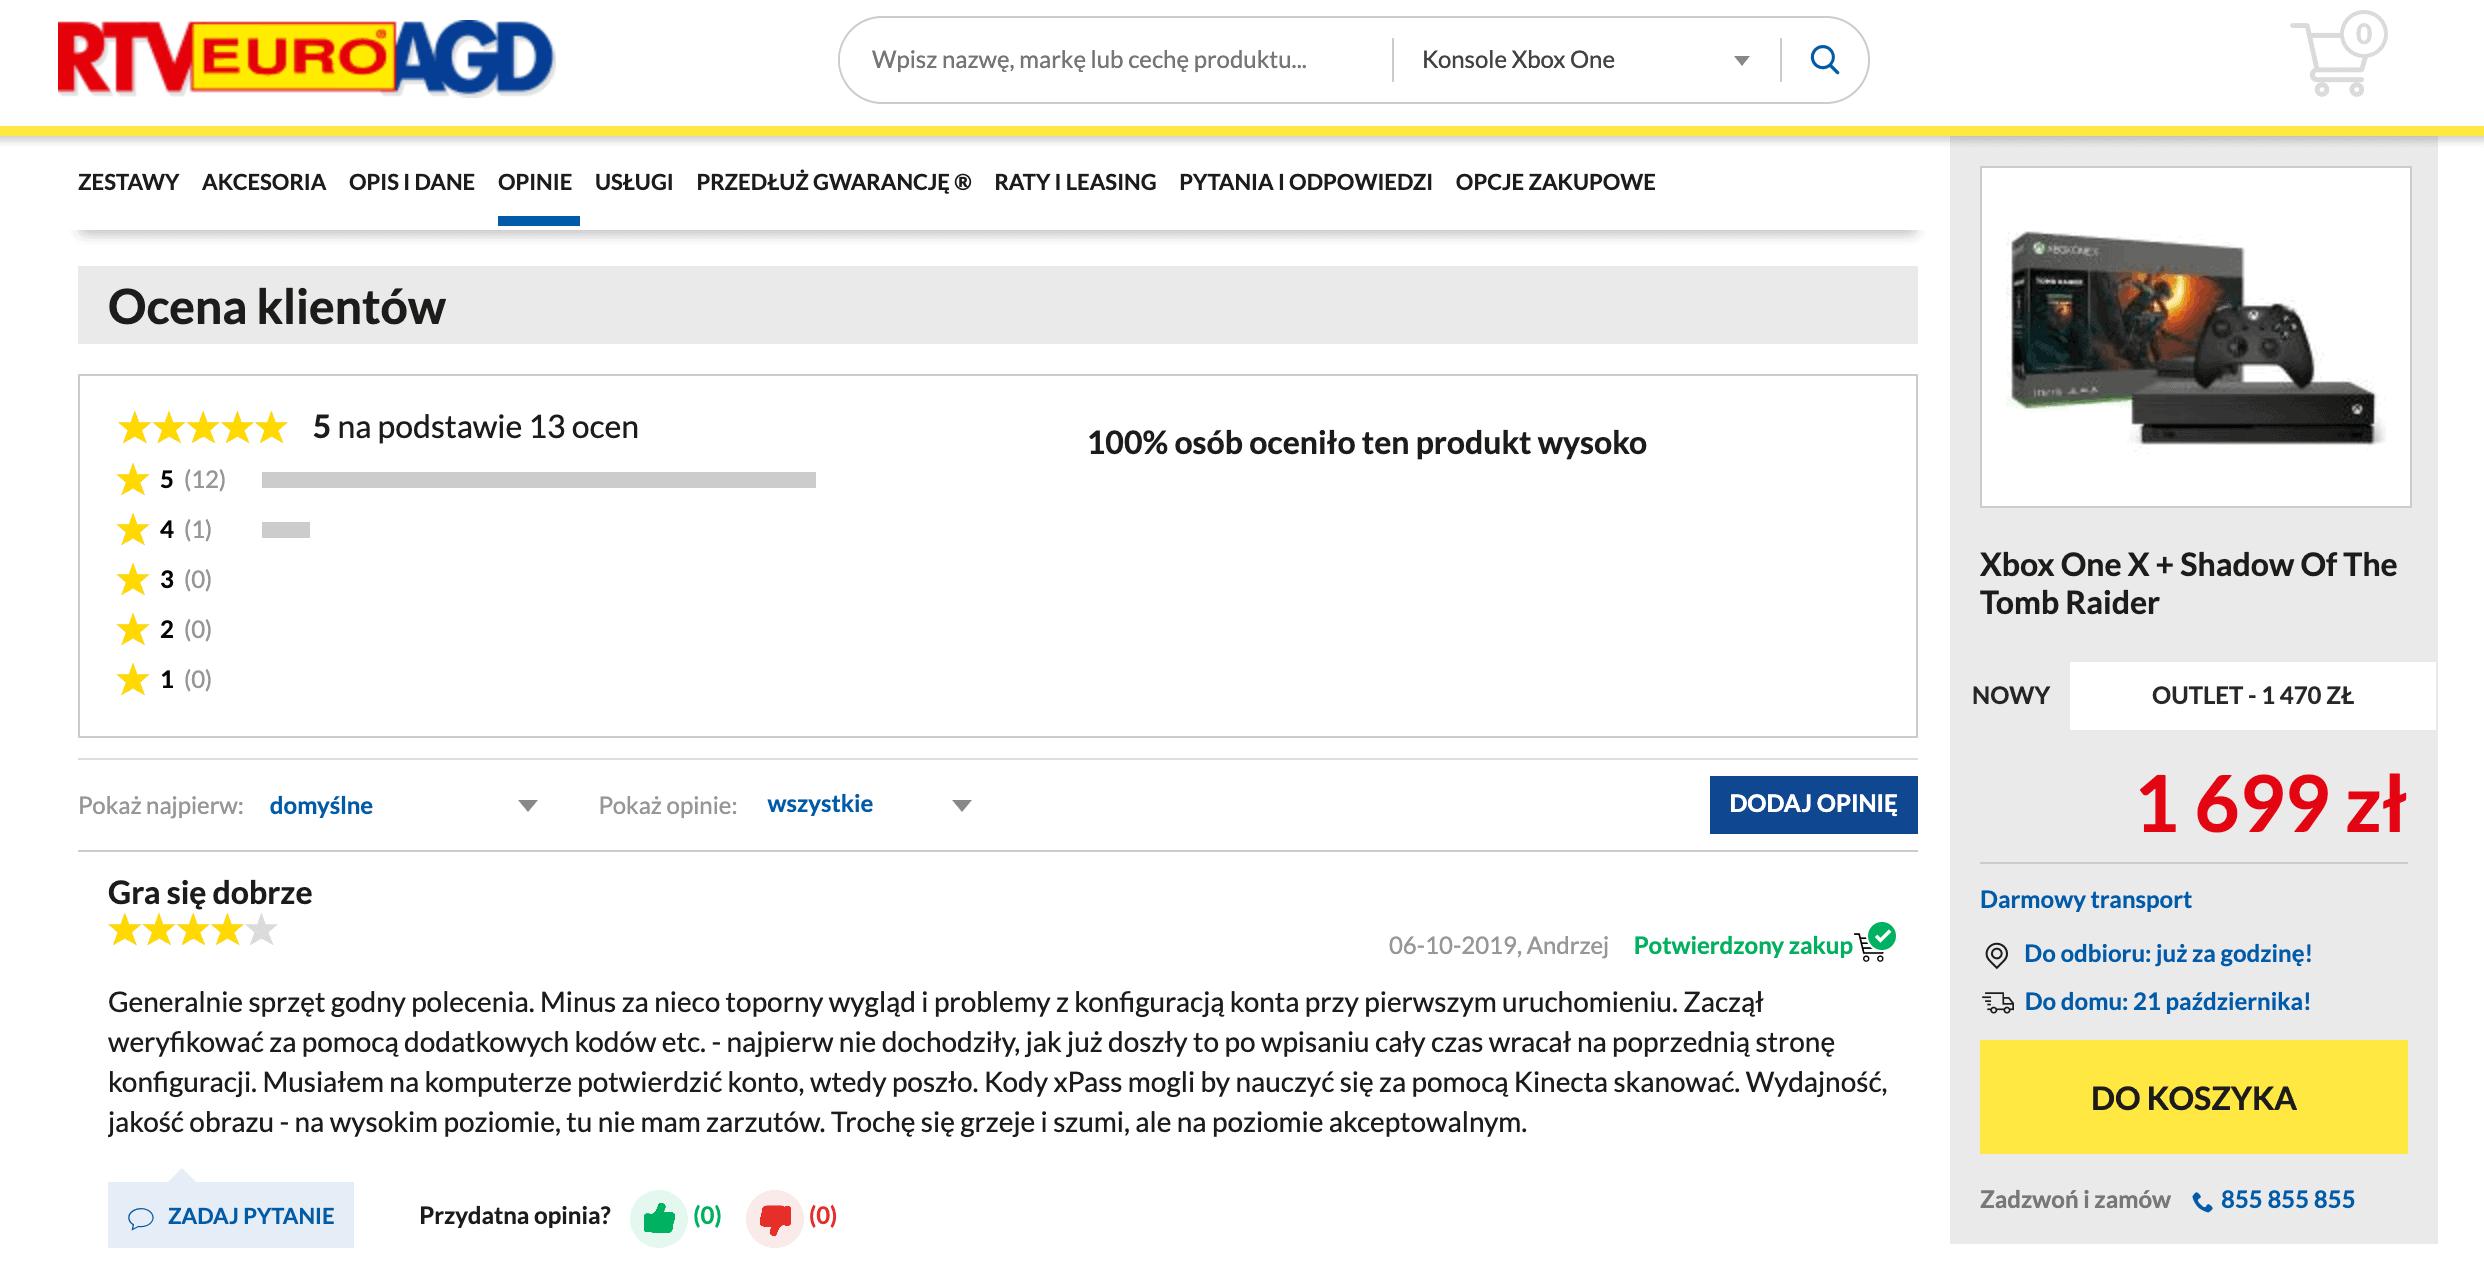 sklep internetowy oceny i recenzje produktów